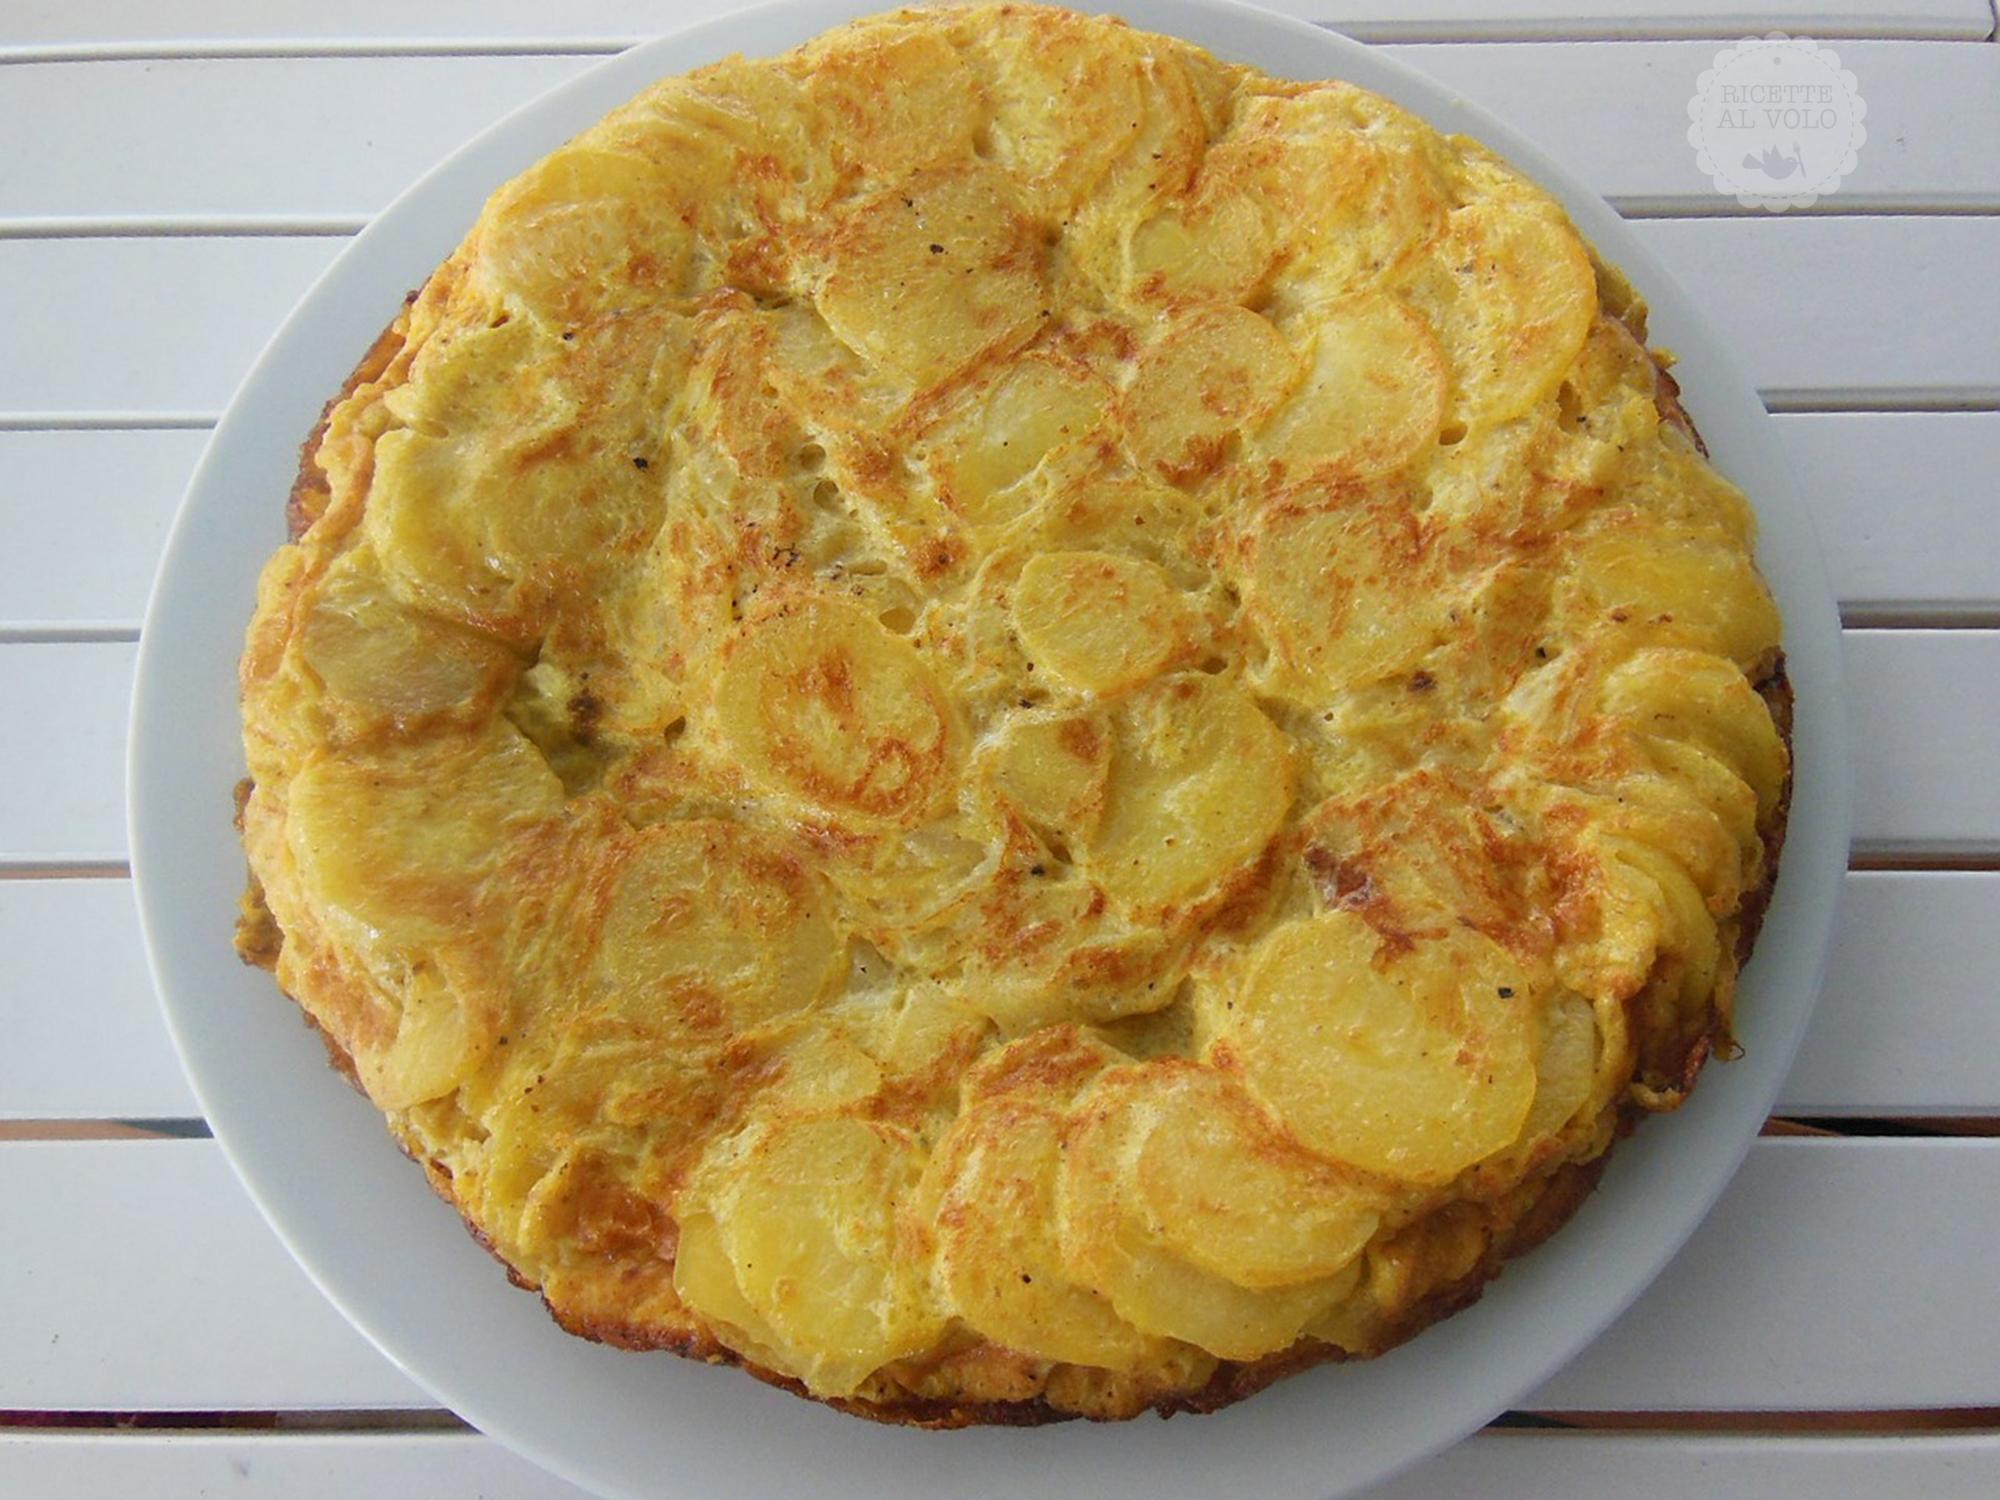 Ricetta Per Tortillas Spagnole.Ricetta Tortilla Spagnola Ricette Al Volo